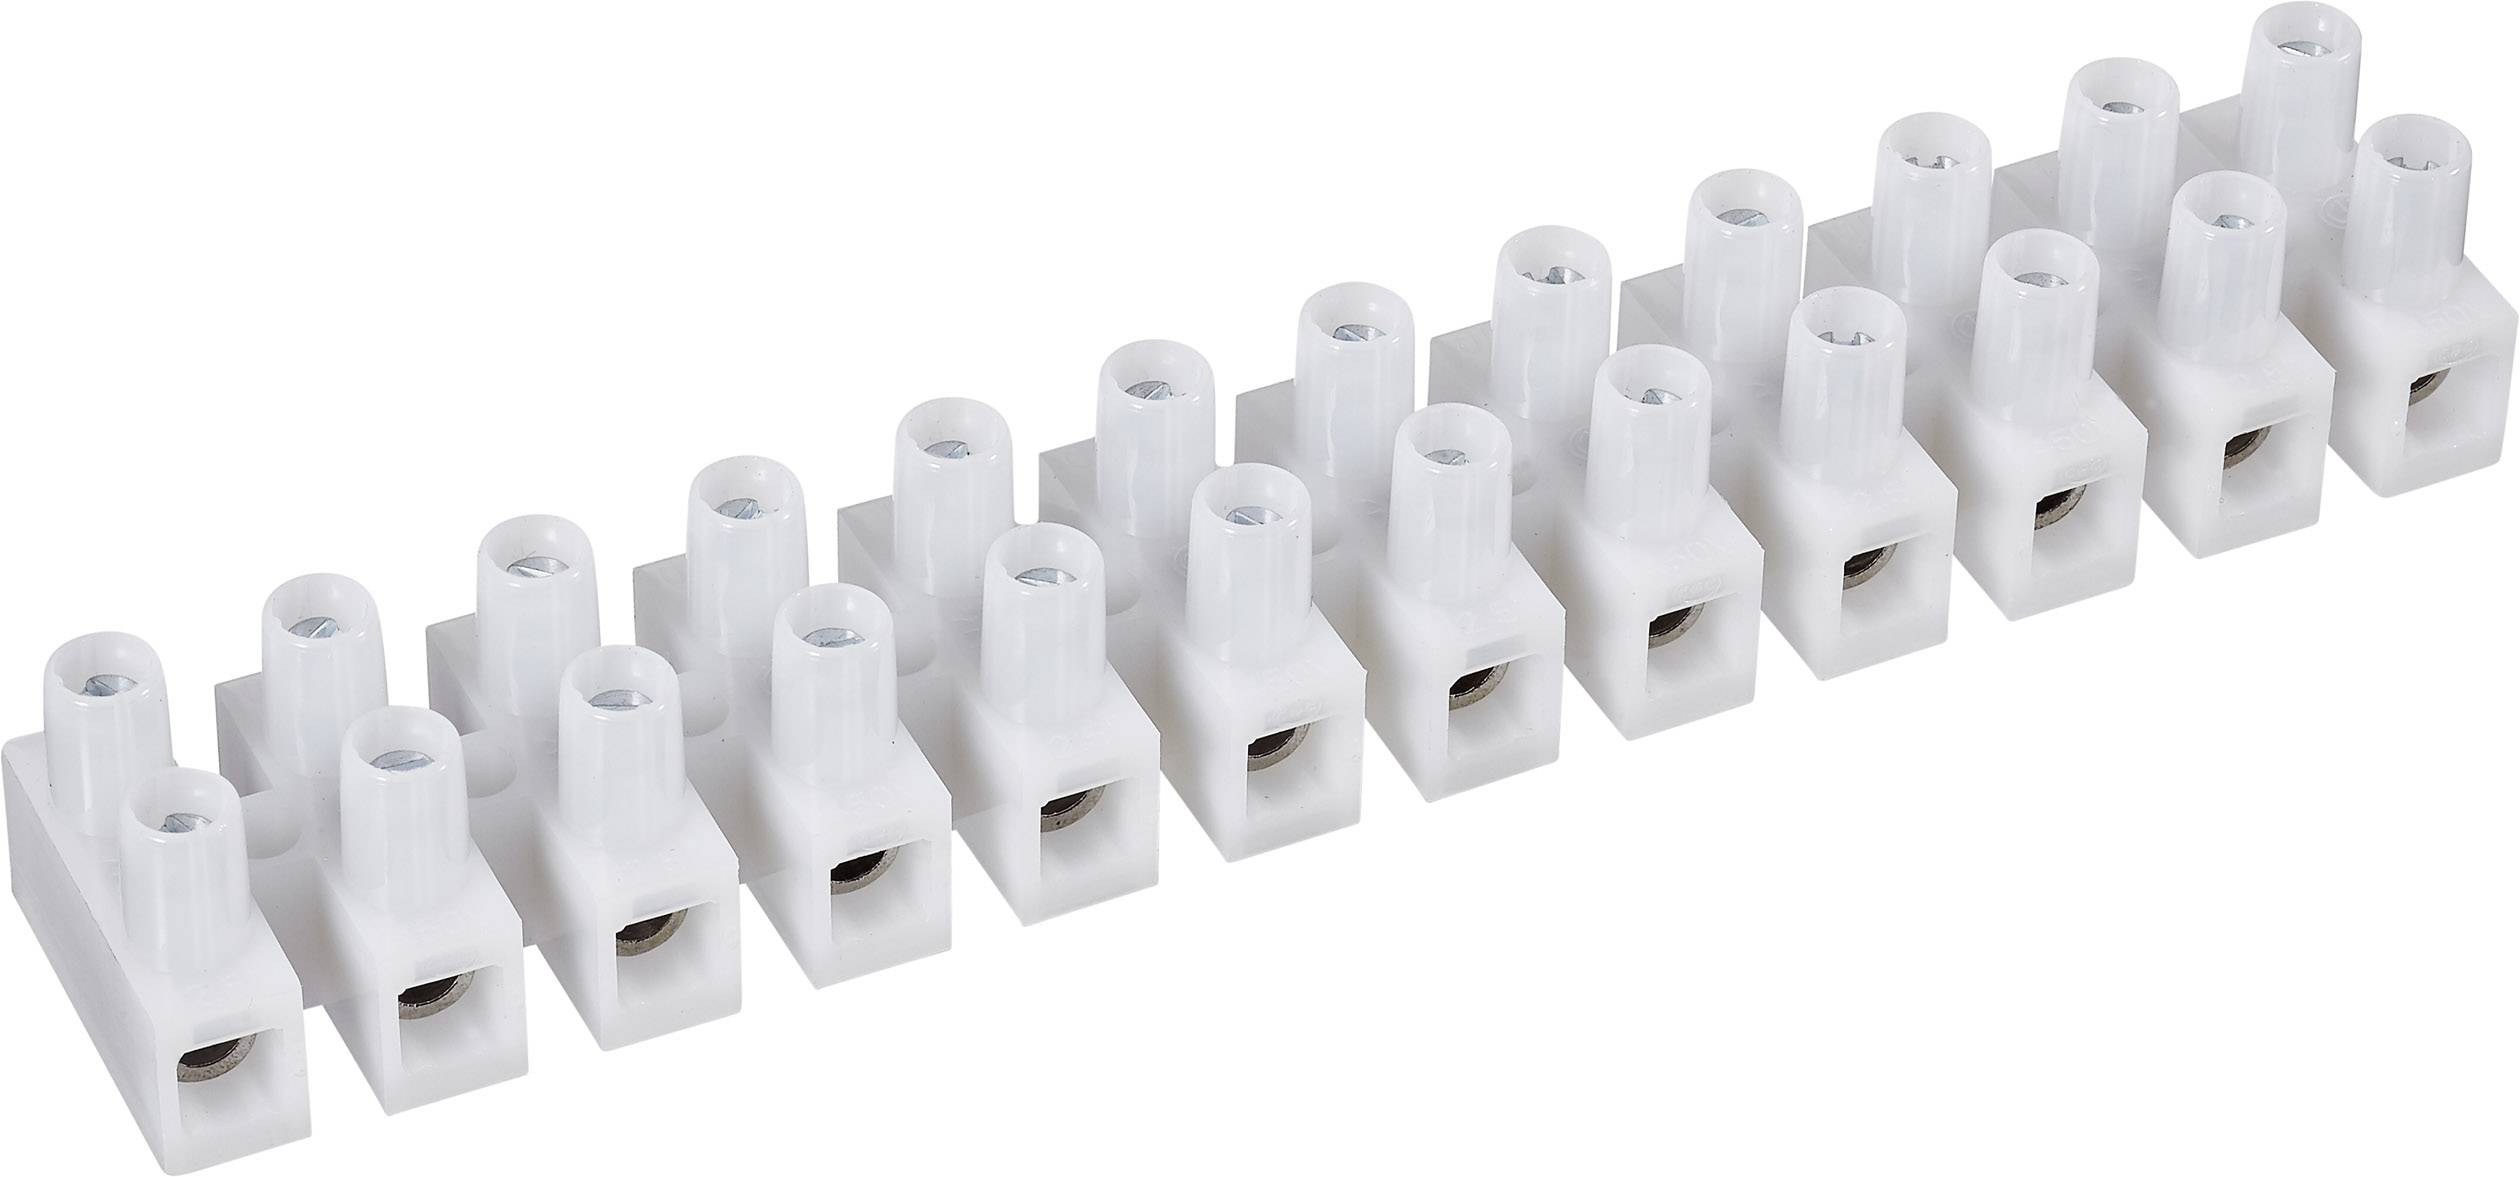 Přístrojová svorkovnice TRU COMPONENTS pro kabel o rozměru 0.5-1.5 mm², pólů 12, 1 ks, bílá